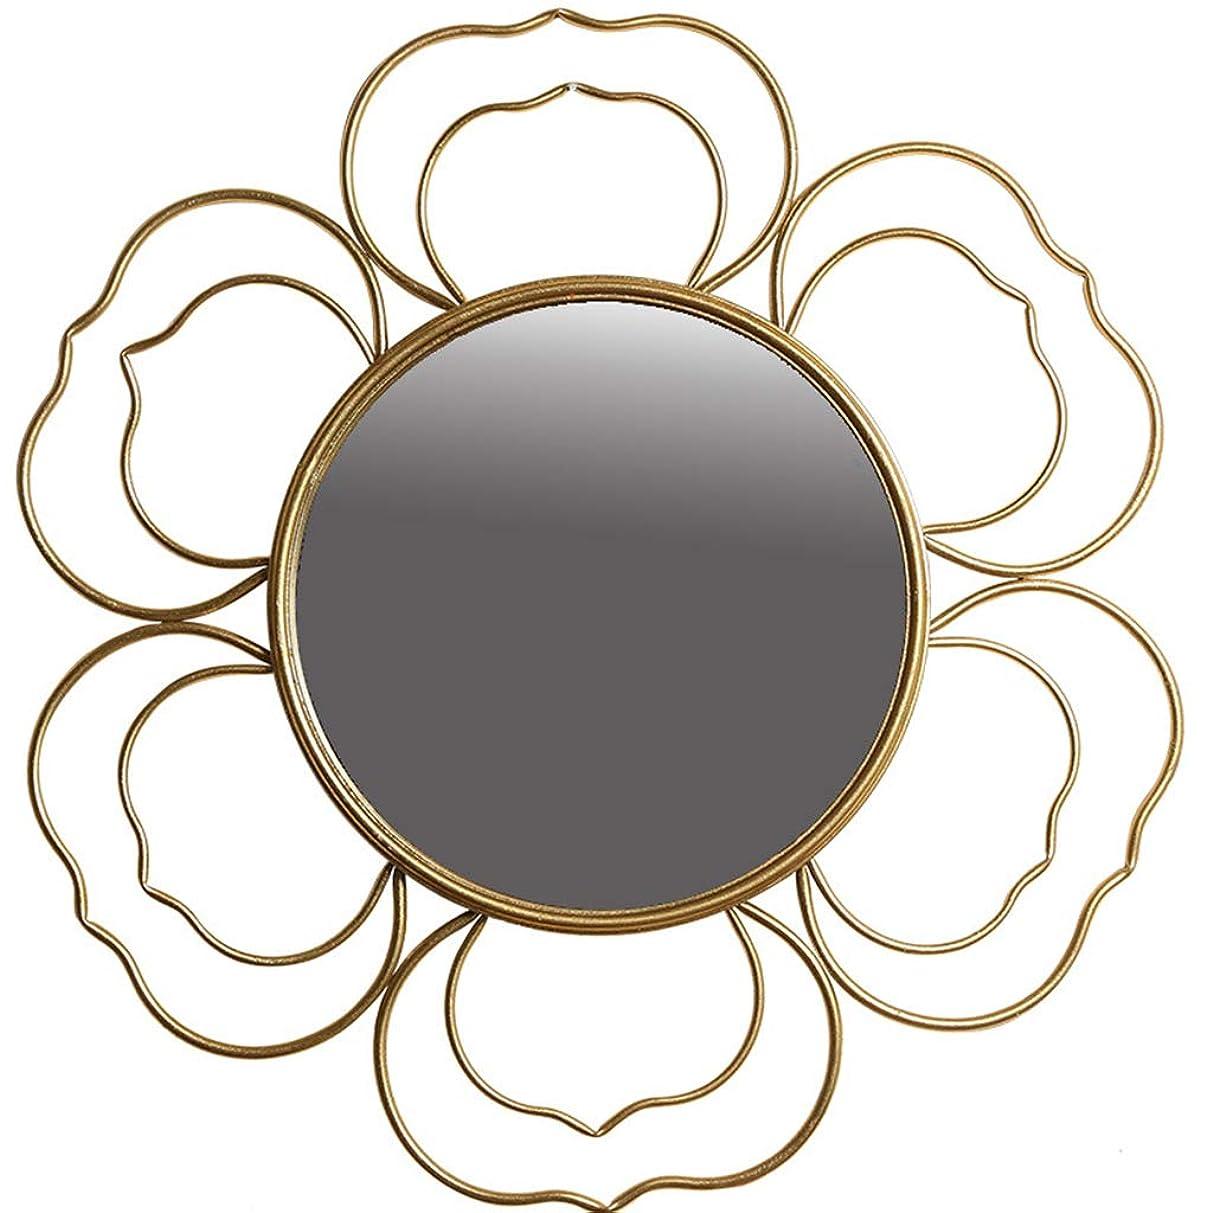 アクション腰スクラッチ壁の鏡の装飾、装飾的な鏡、寝室、リビングルーム、バスルーム、バスルームの鏡の壁の装飾に適して